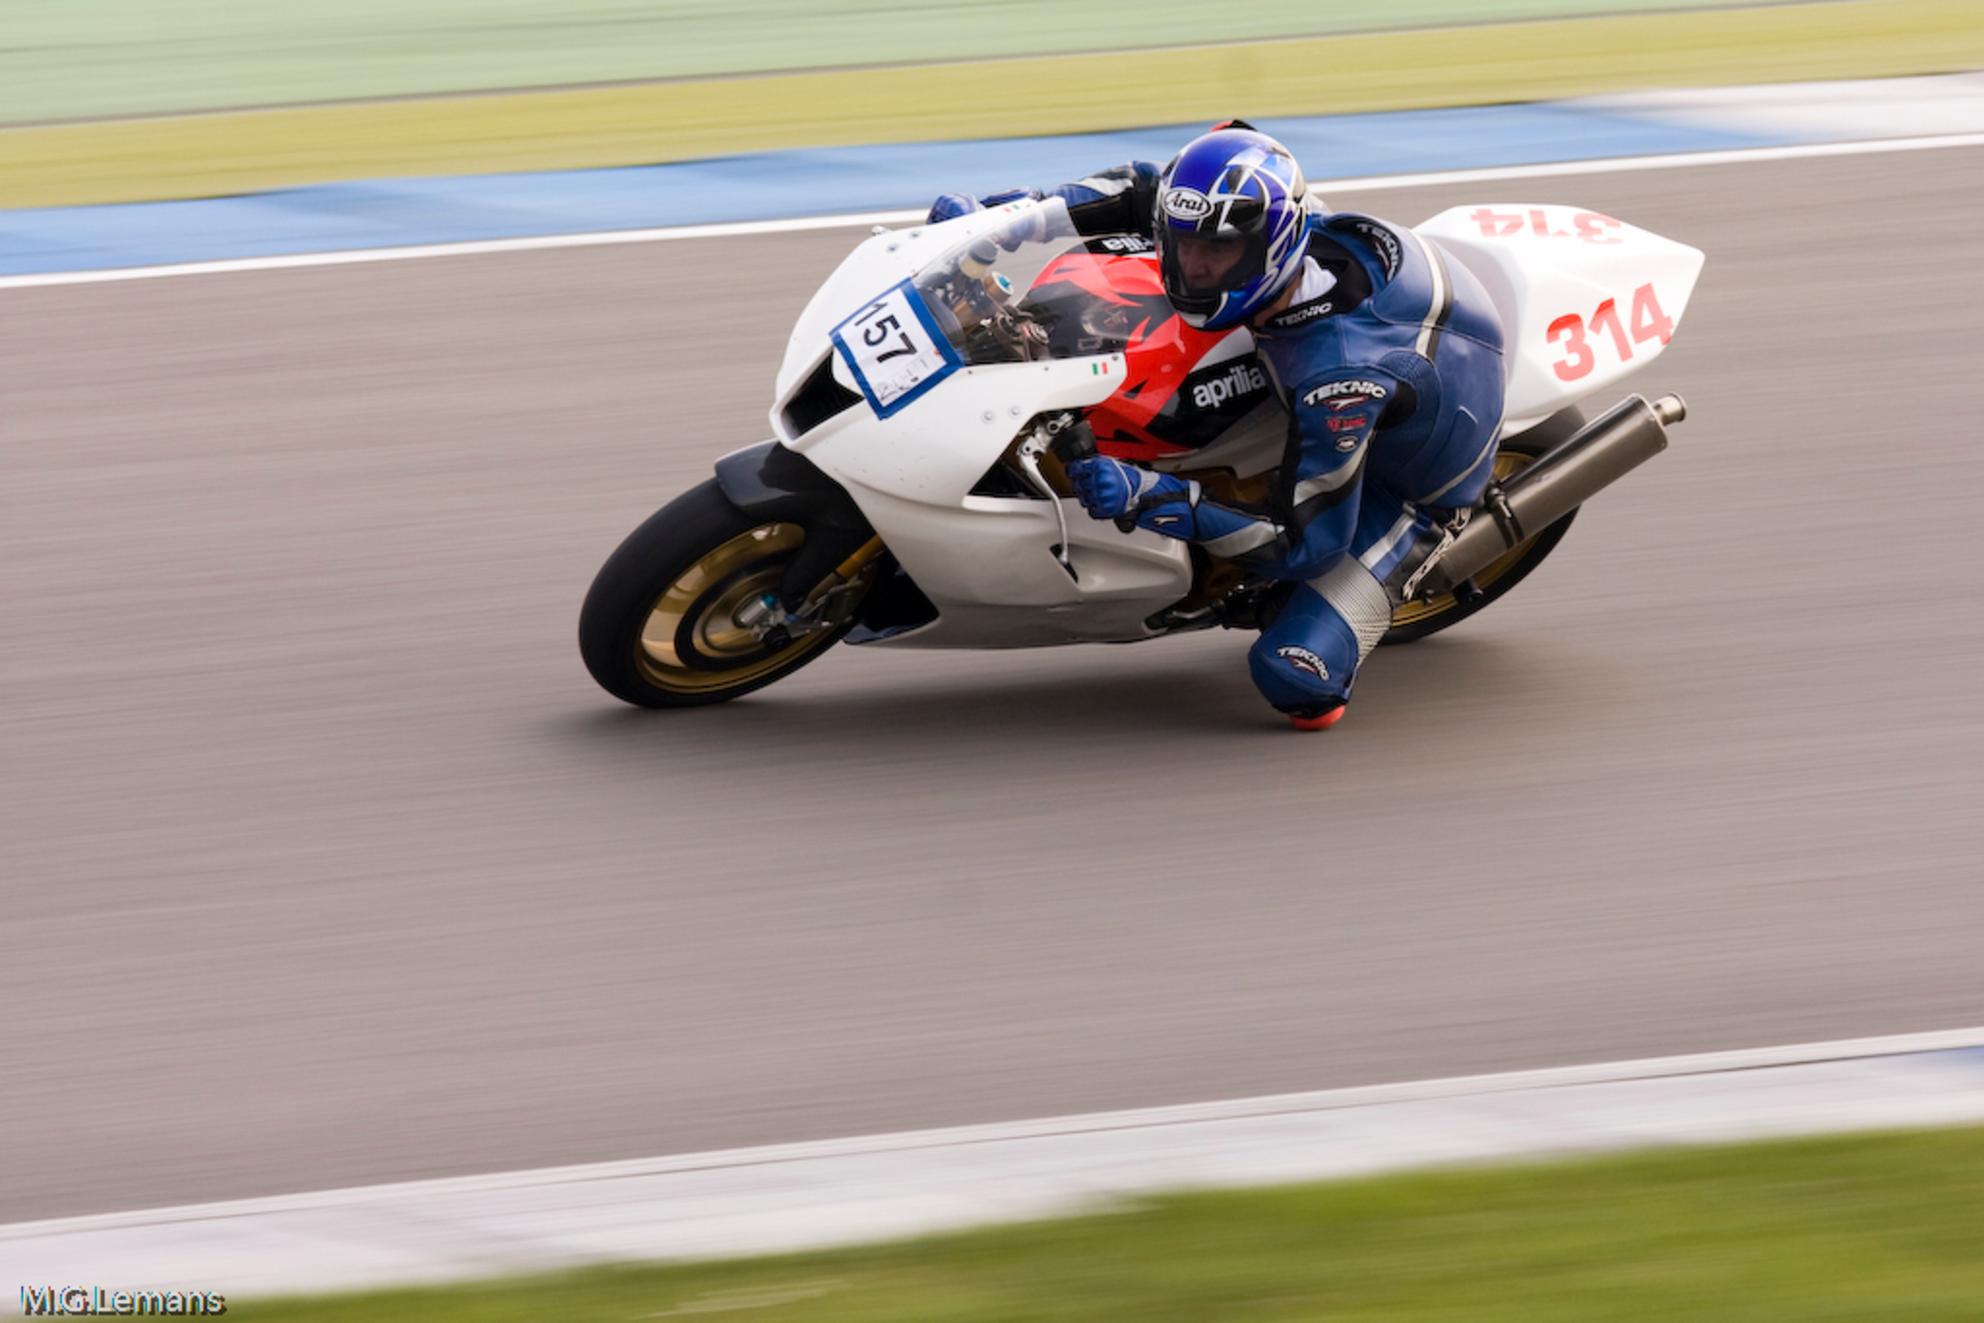 157 Aprilia - Startnr.157 tijdens DUCATI CLUB RACES te Assen - foto door mlemans op 07-05-2009 - deze foto bevat: ducati, club, assen, races, aprilia, mlemans